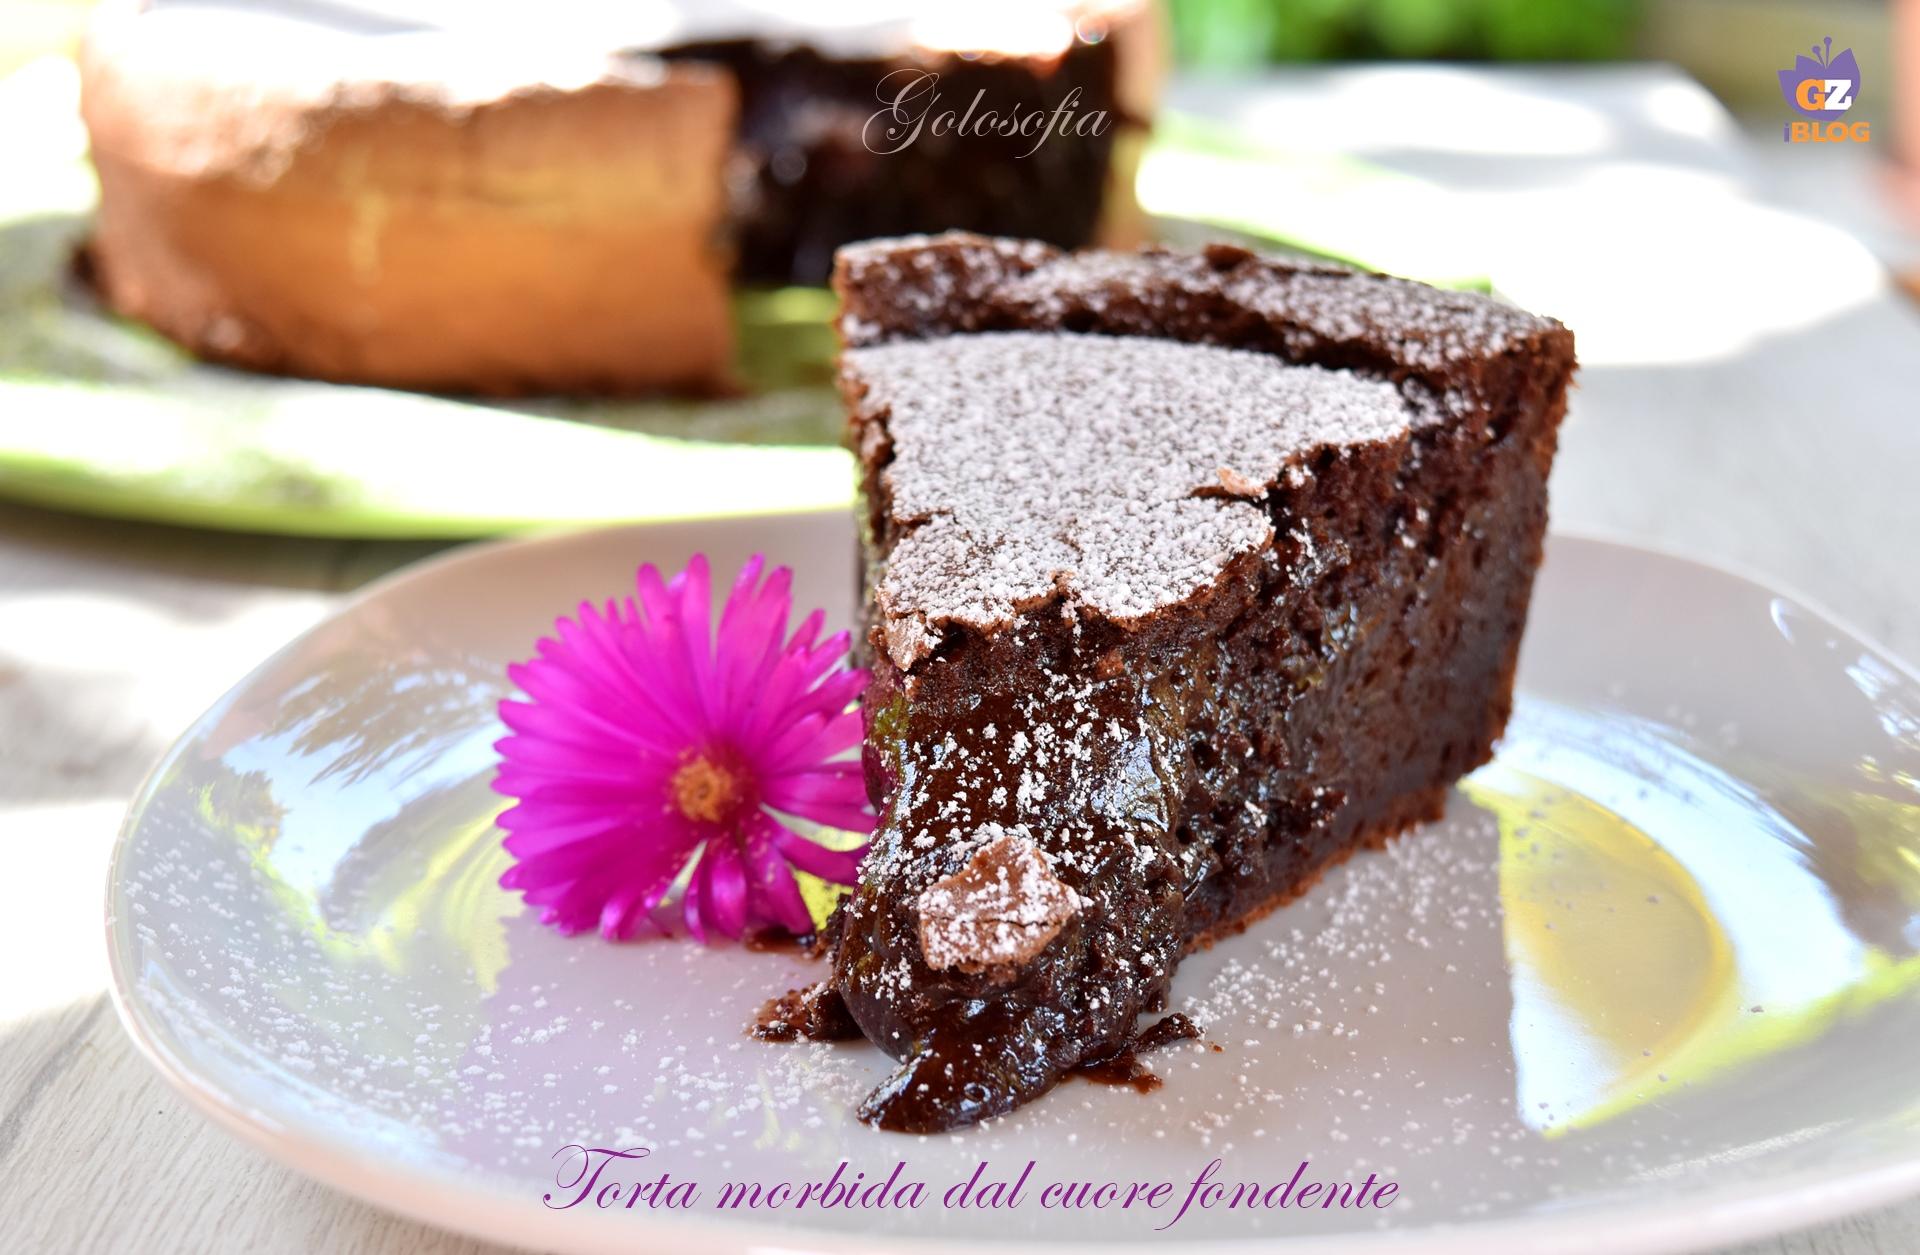 Torta morbida dal cuore fondente-ricetta torte-golosofia